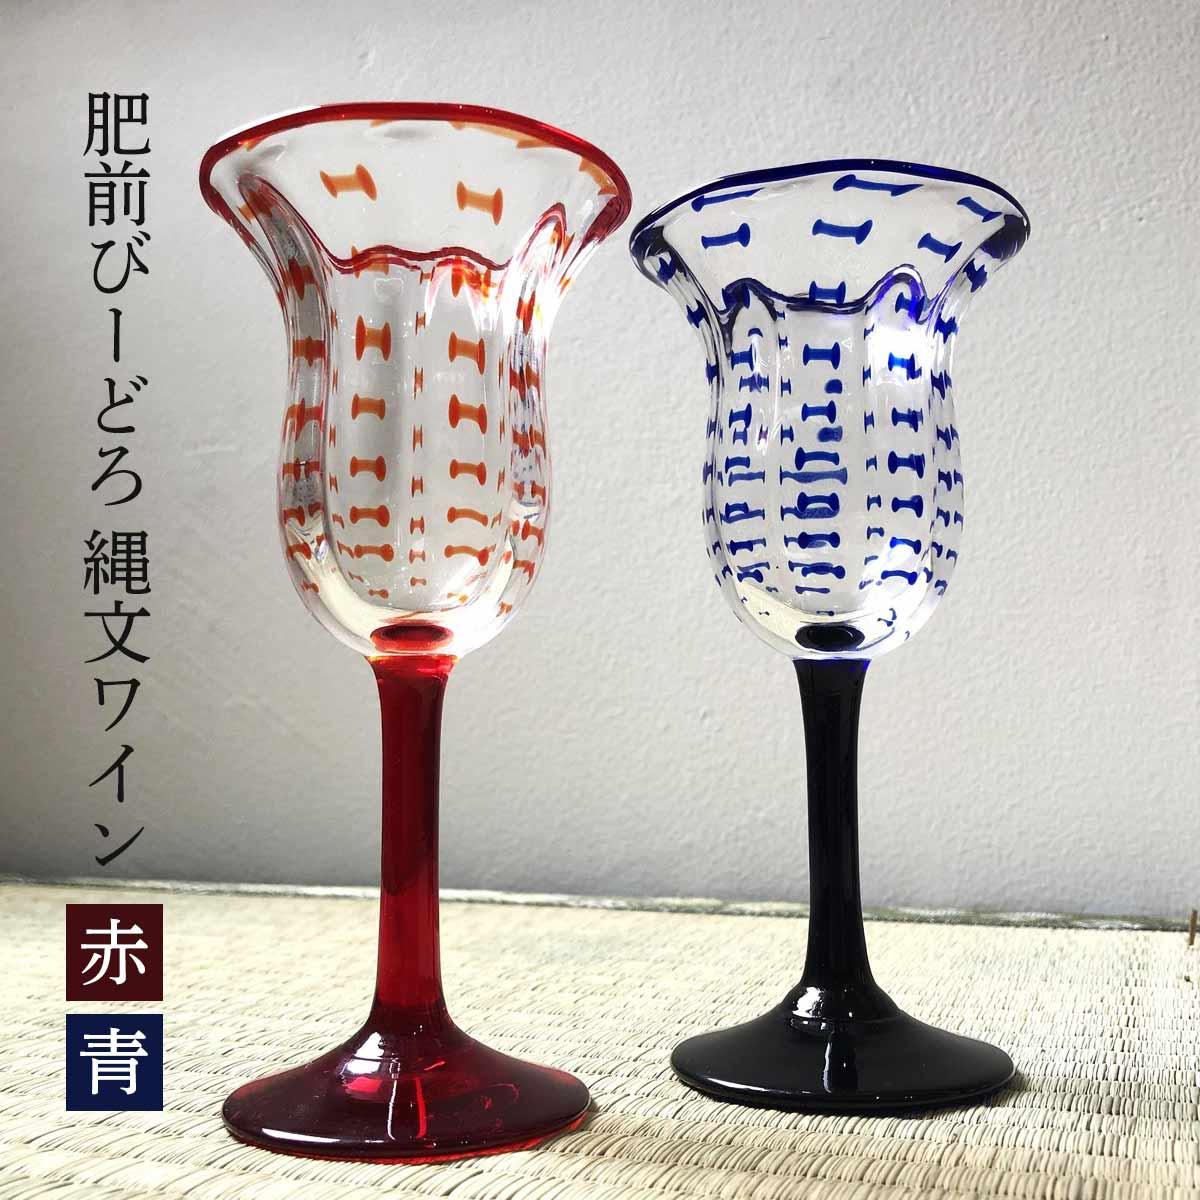 肥前びーどろ 縄文ワイン 赤/青